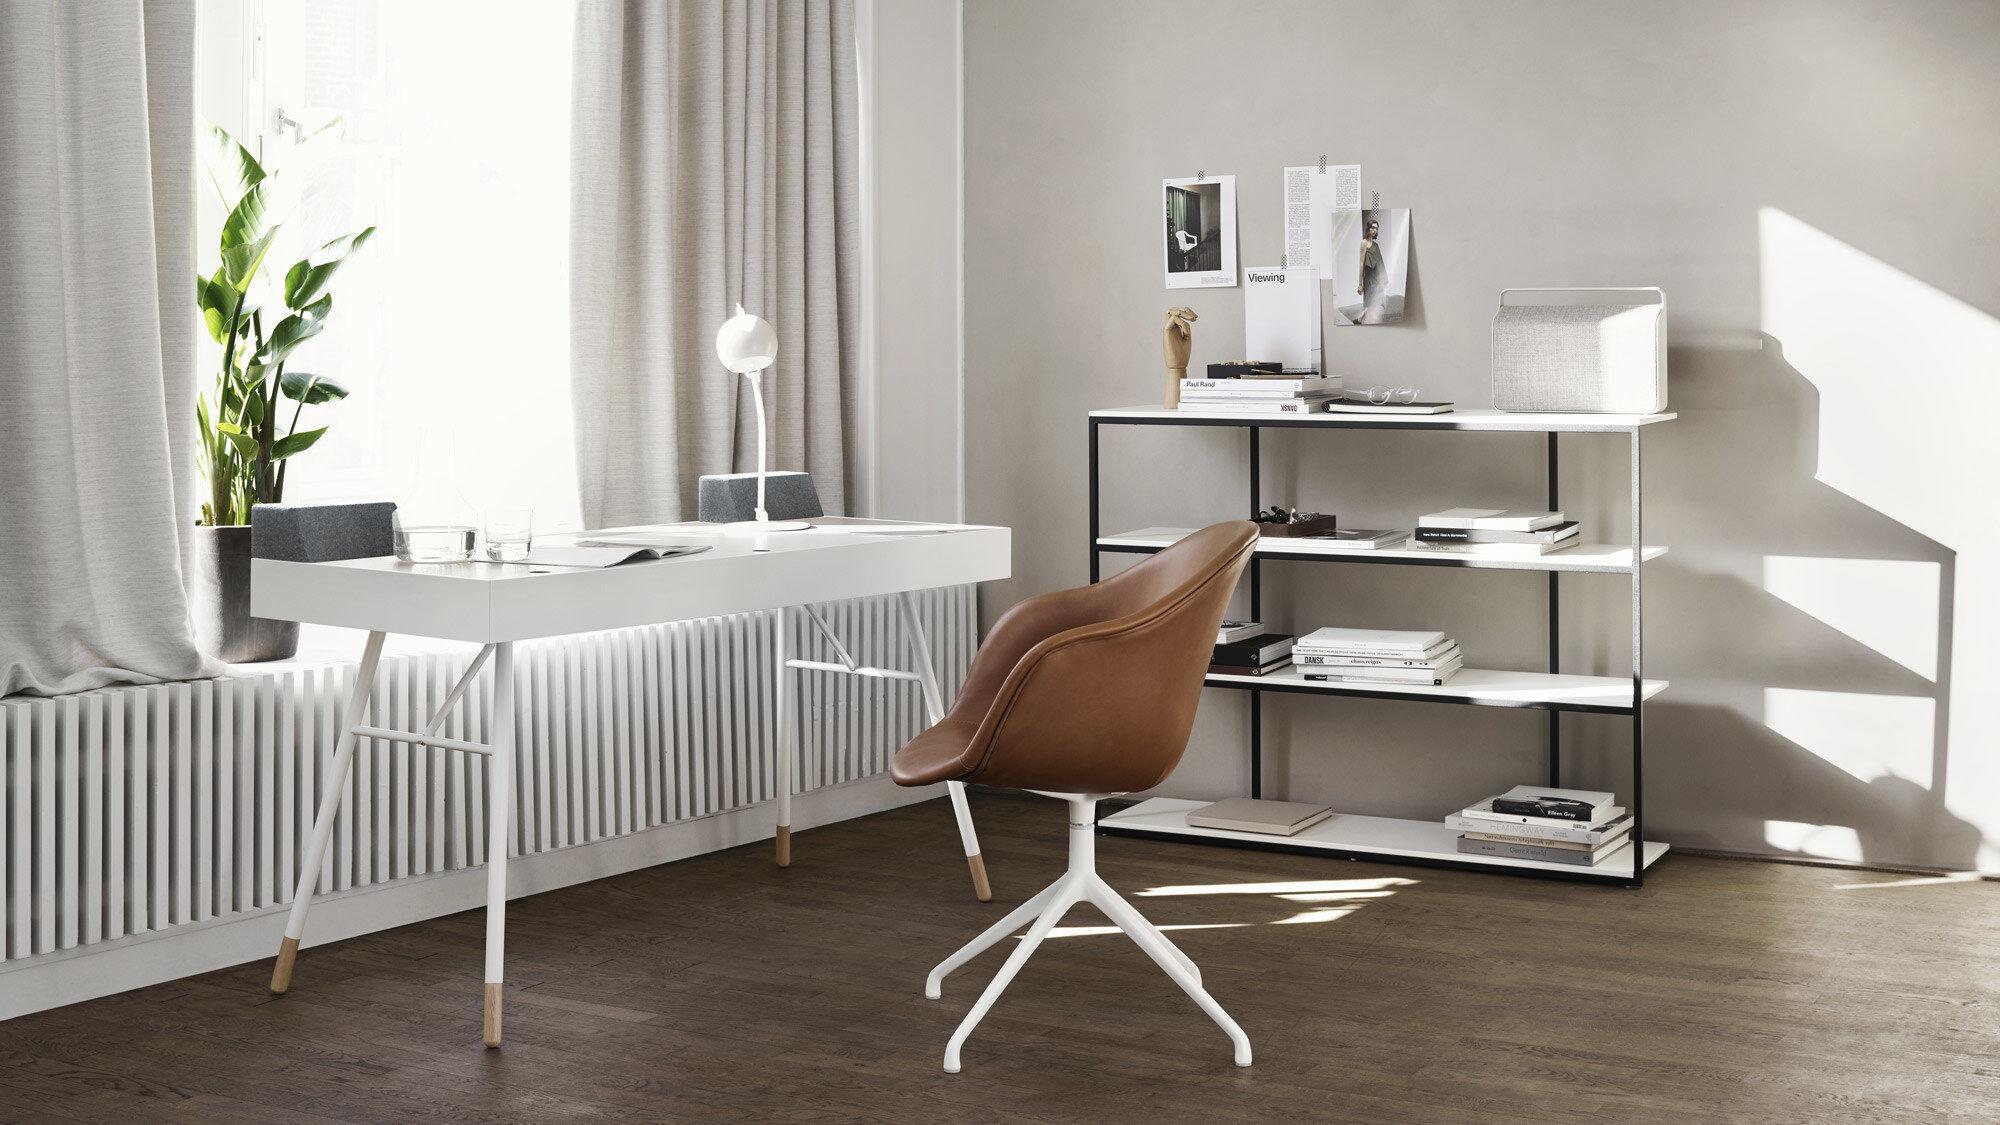 Schreibtische - Cupertino Schreibtisch